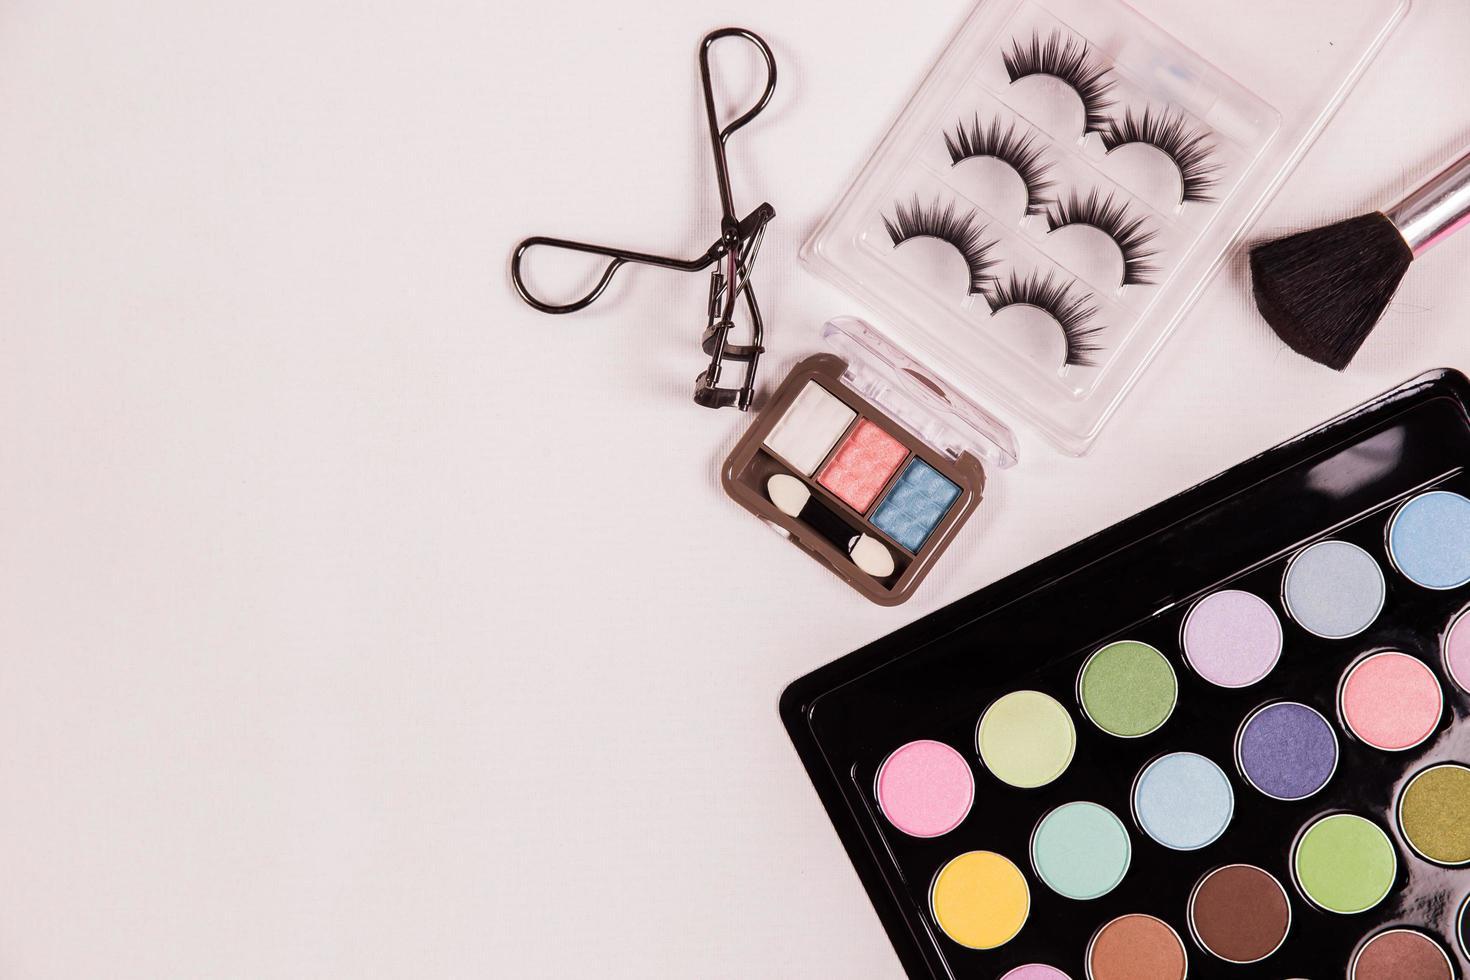 vista superior da maquiagem cosmética foto